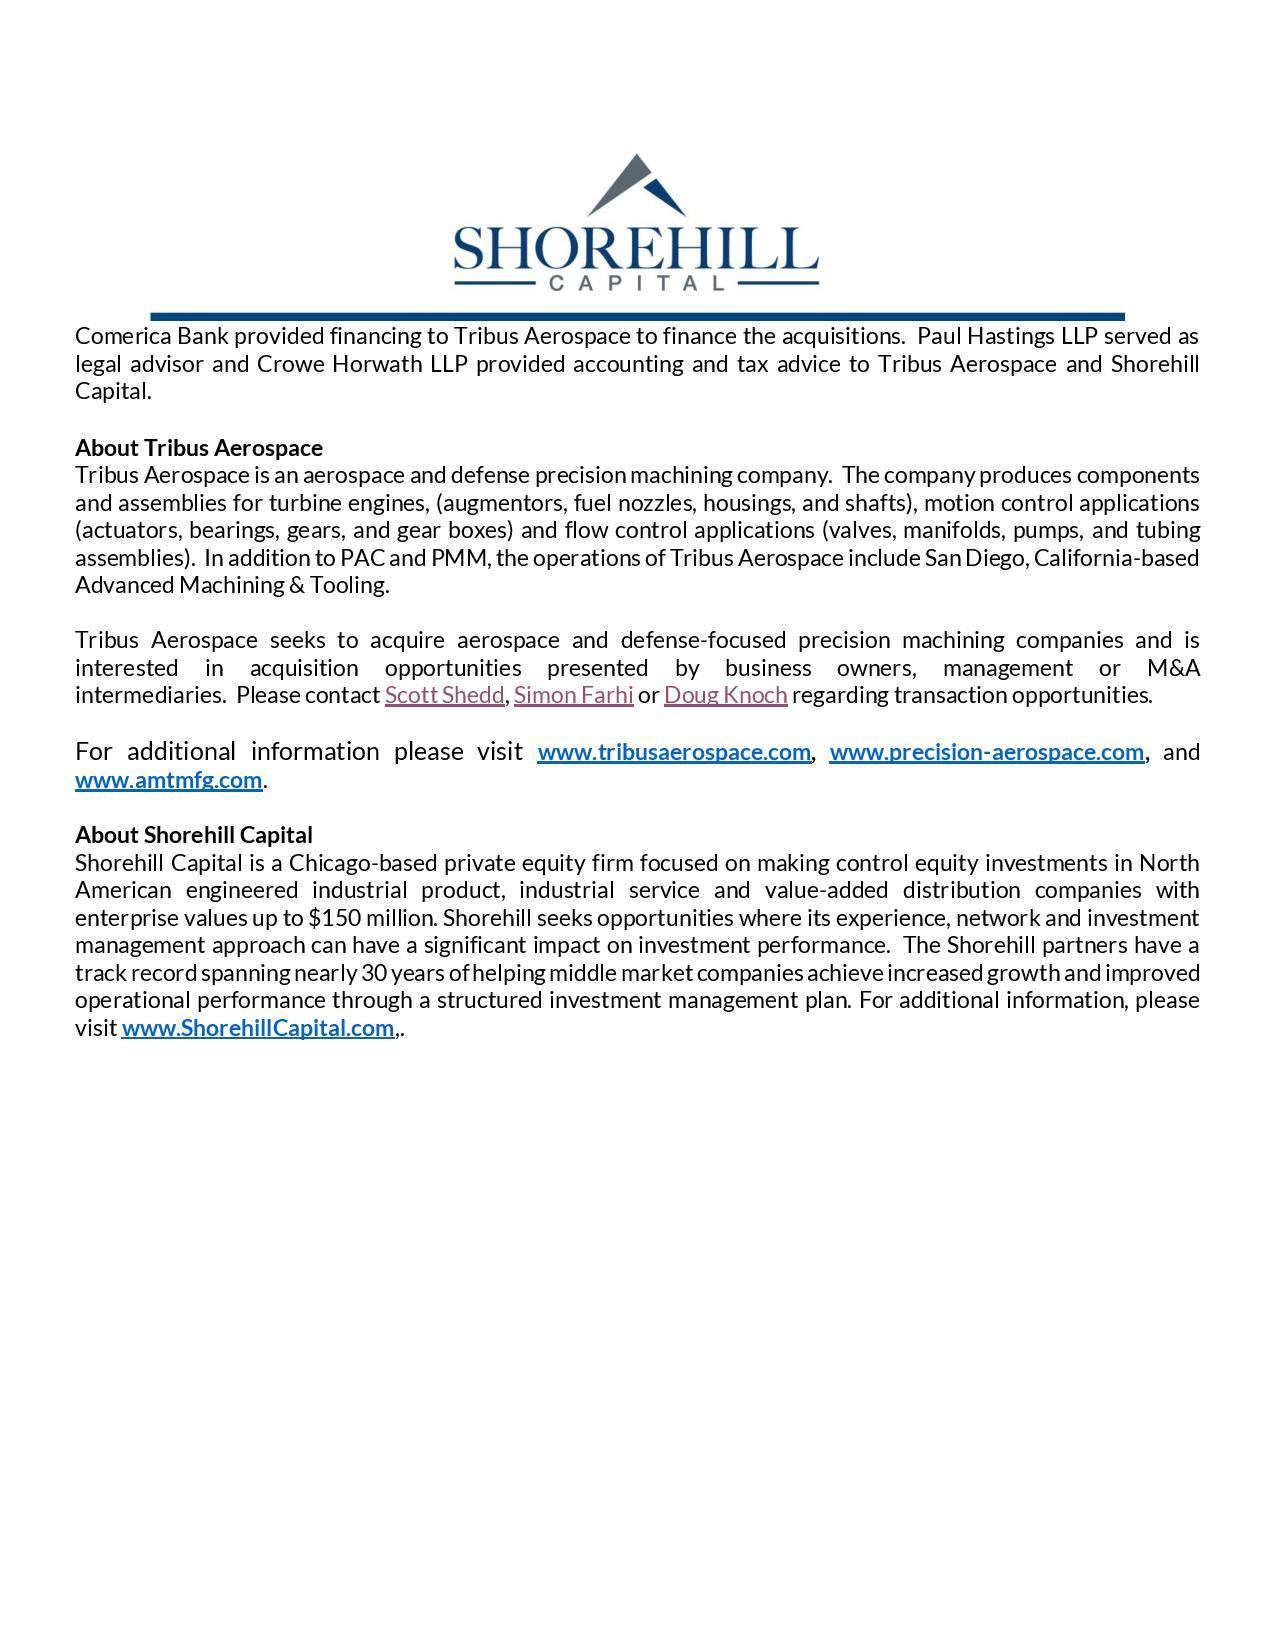 Press Release - Tribus Aerospace Acquires Precision Aerospace Corporation and Precision Micro Mill - vFINAL-page-002.jpg